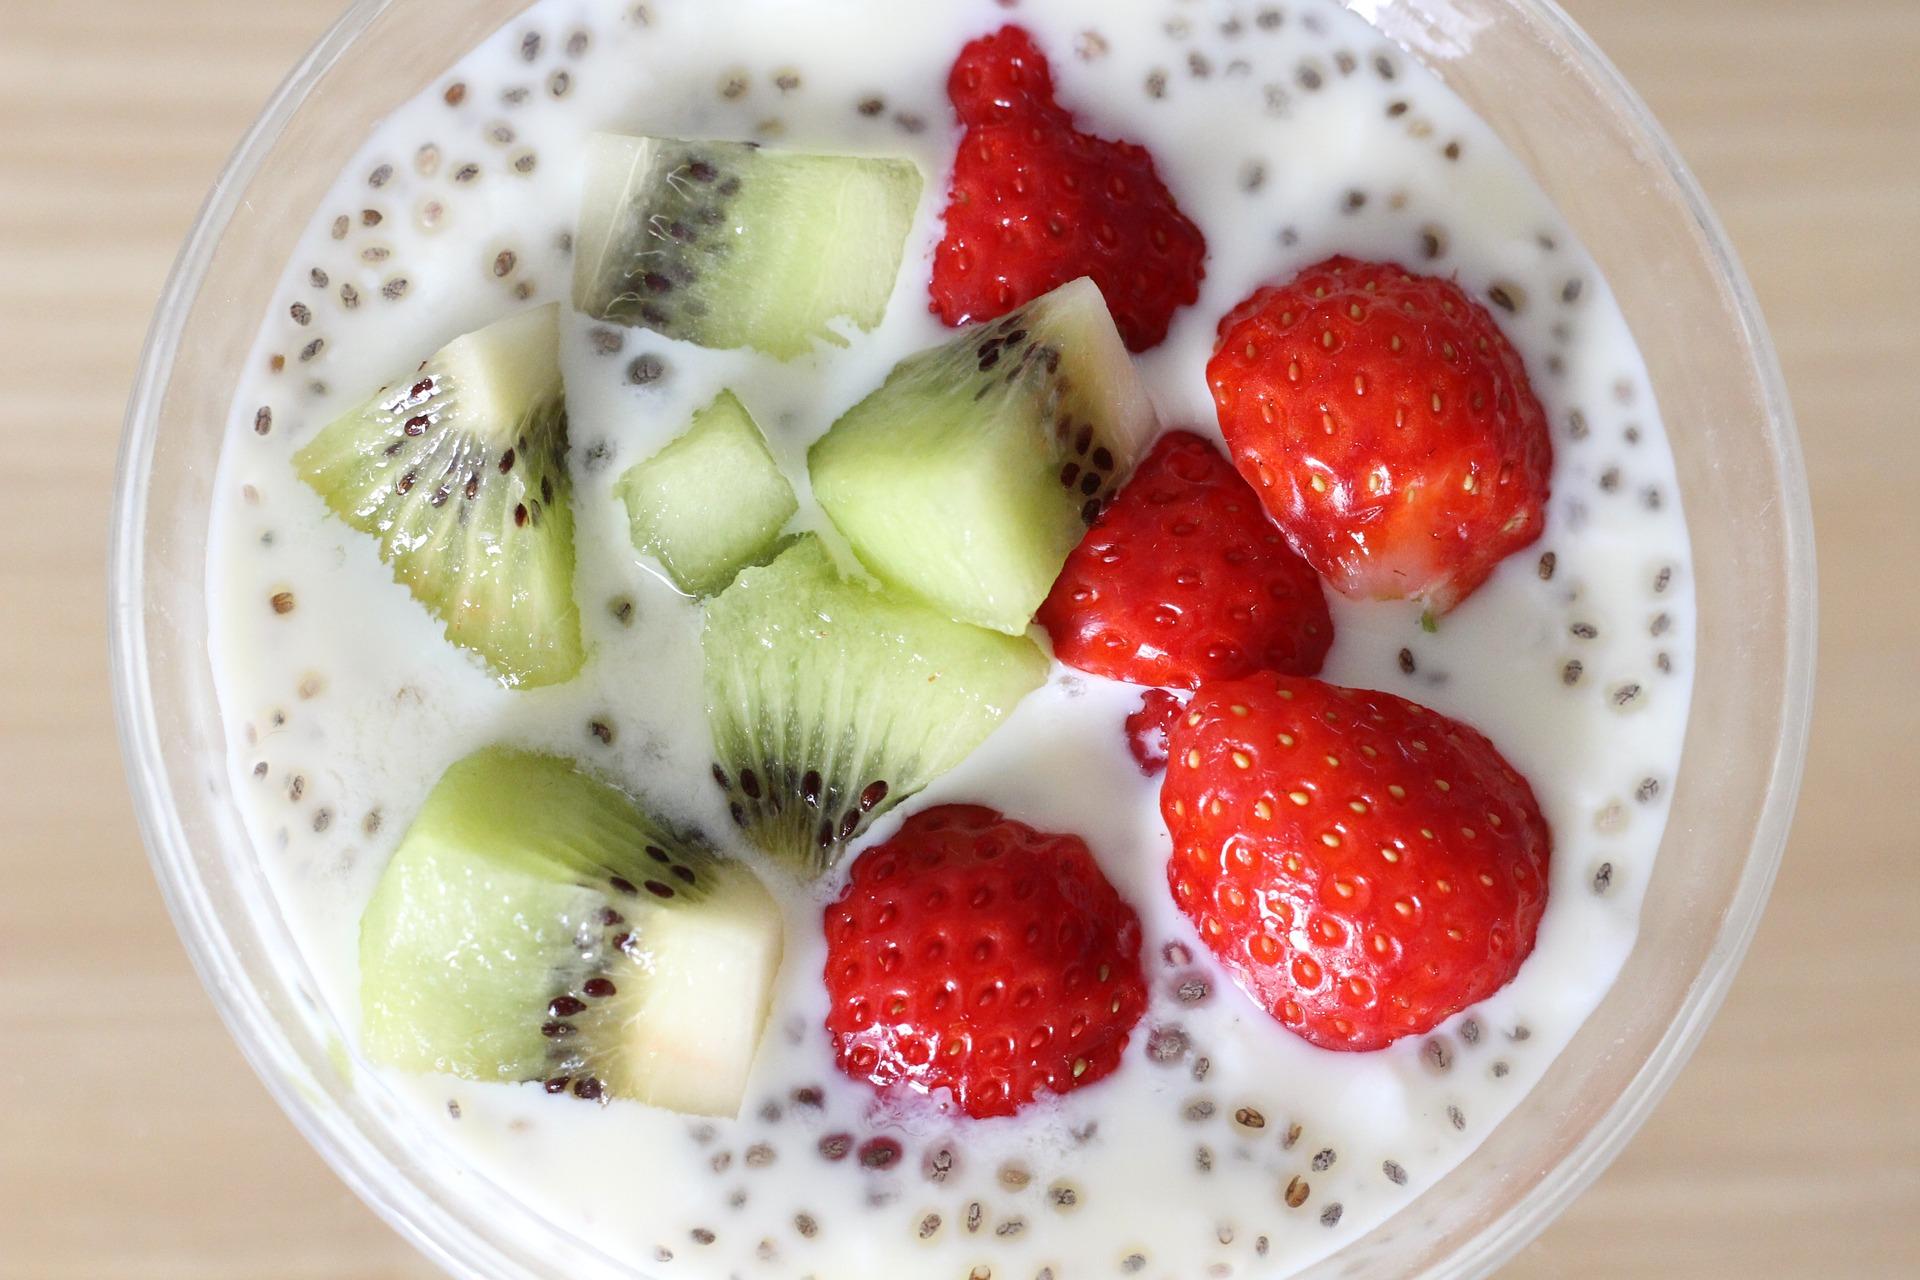 yogurt-1235353_1920.jpg